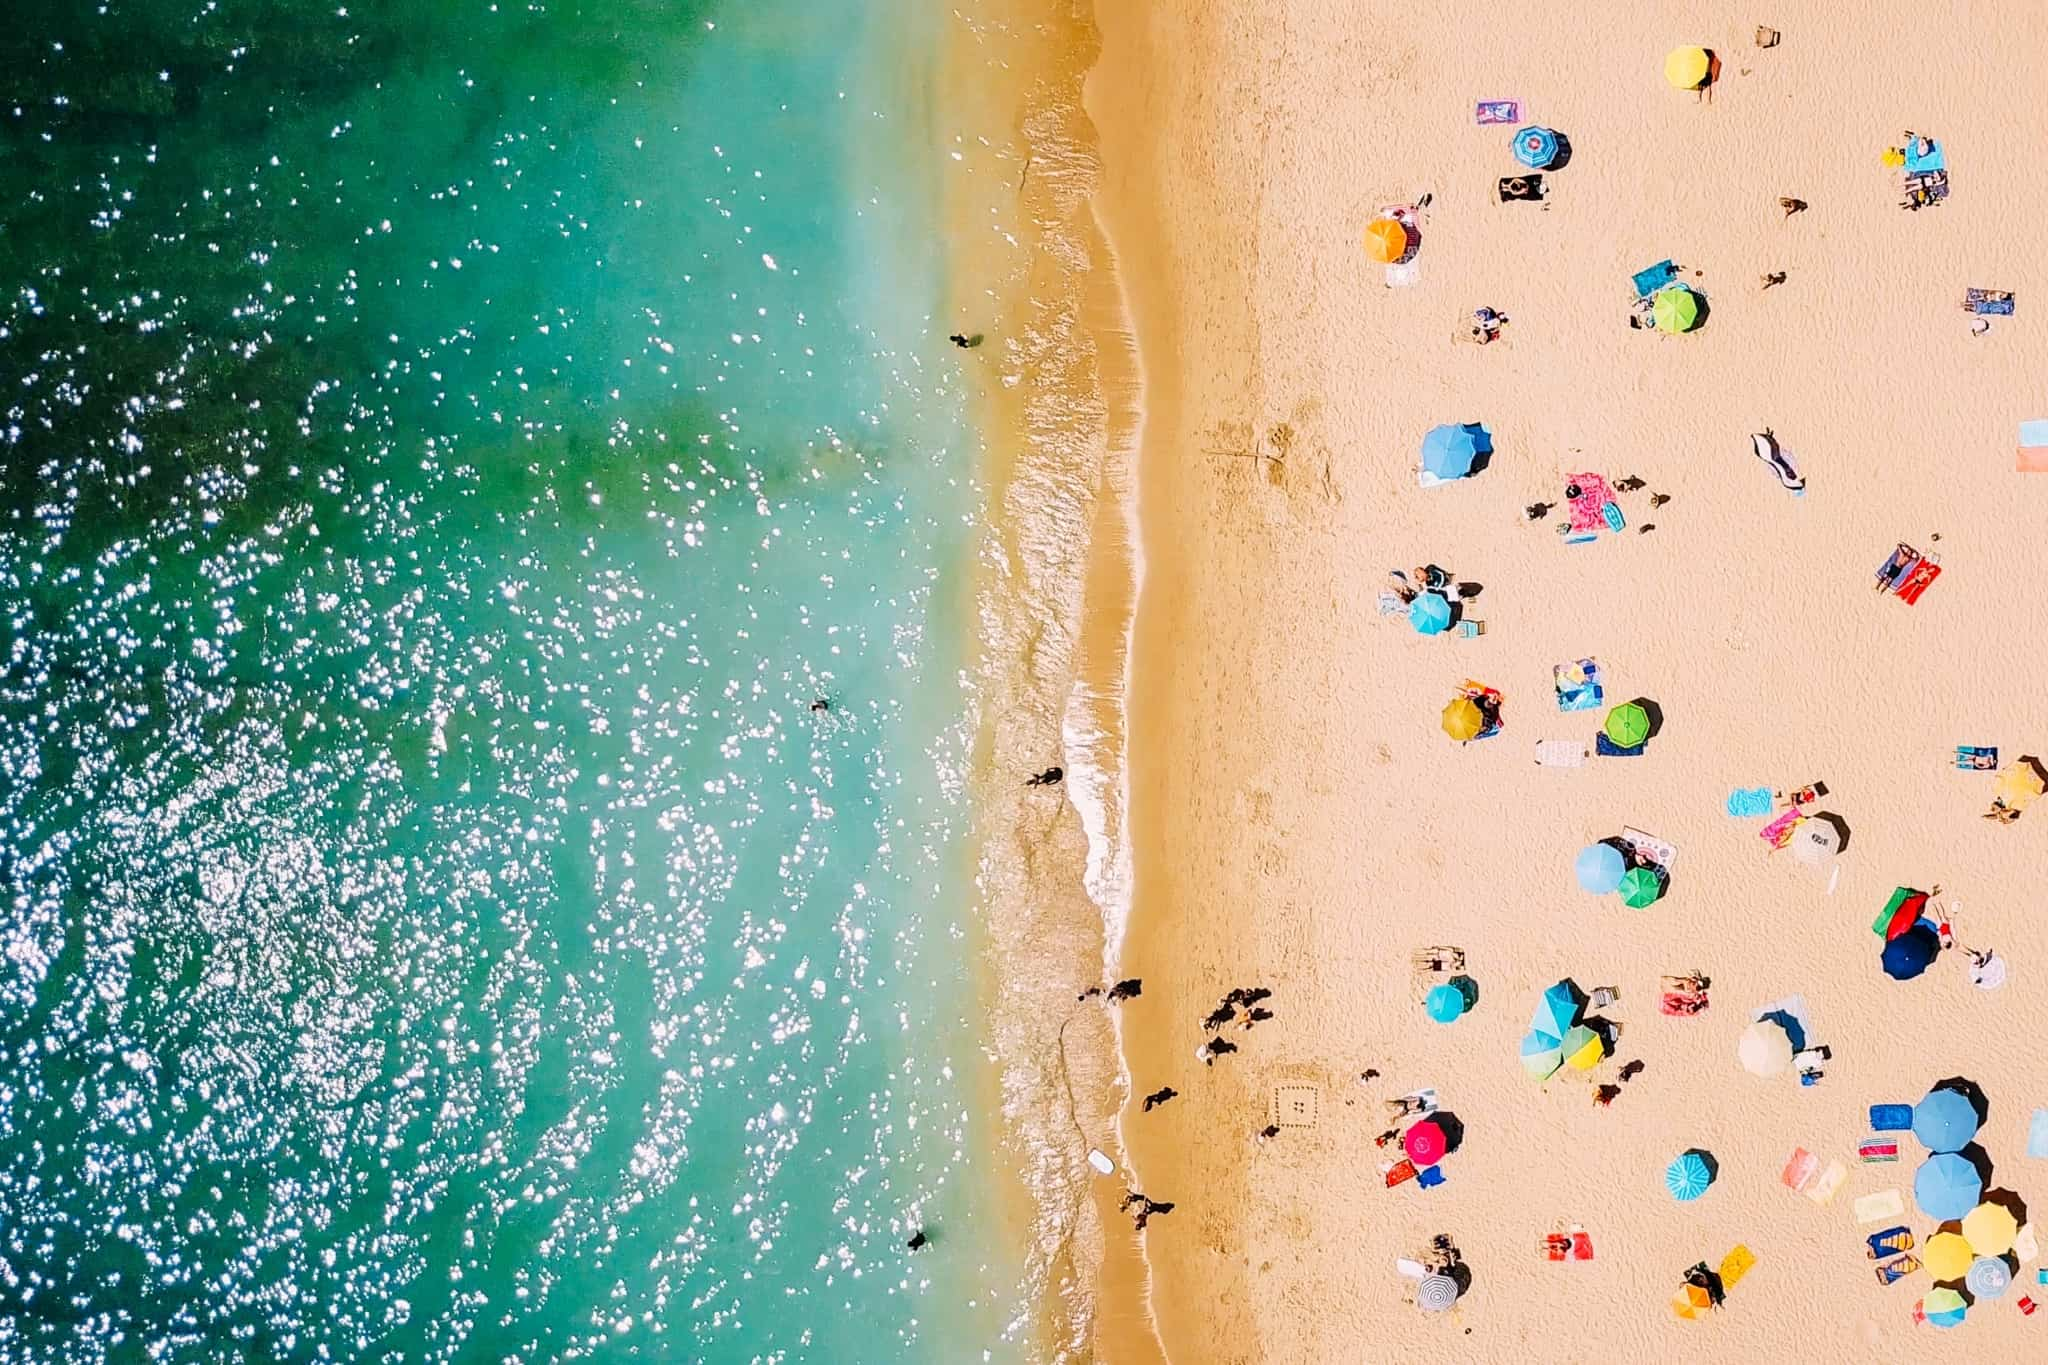 imagem de uma praia vista de cima